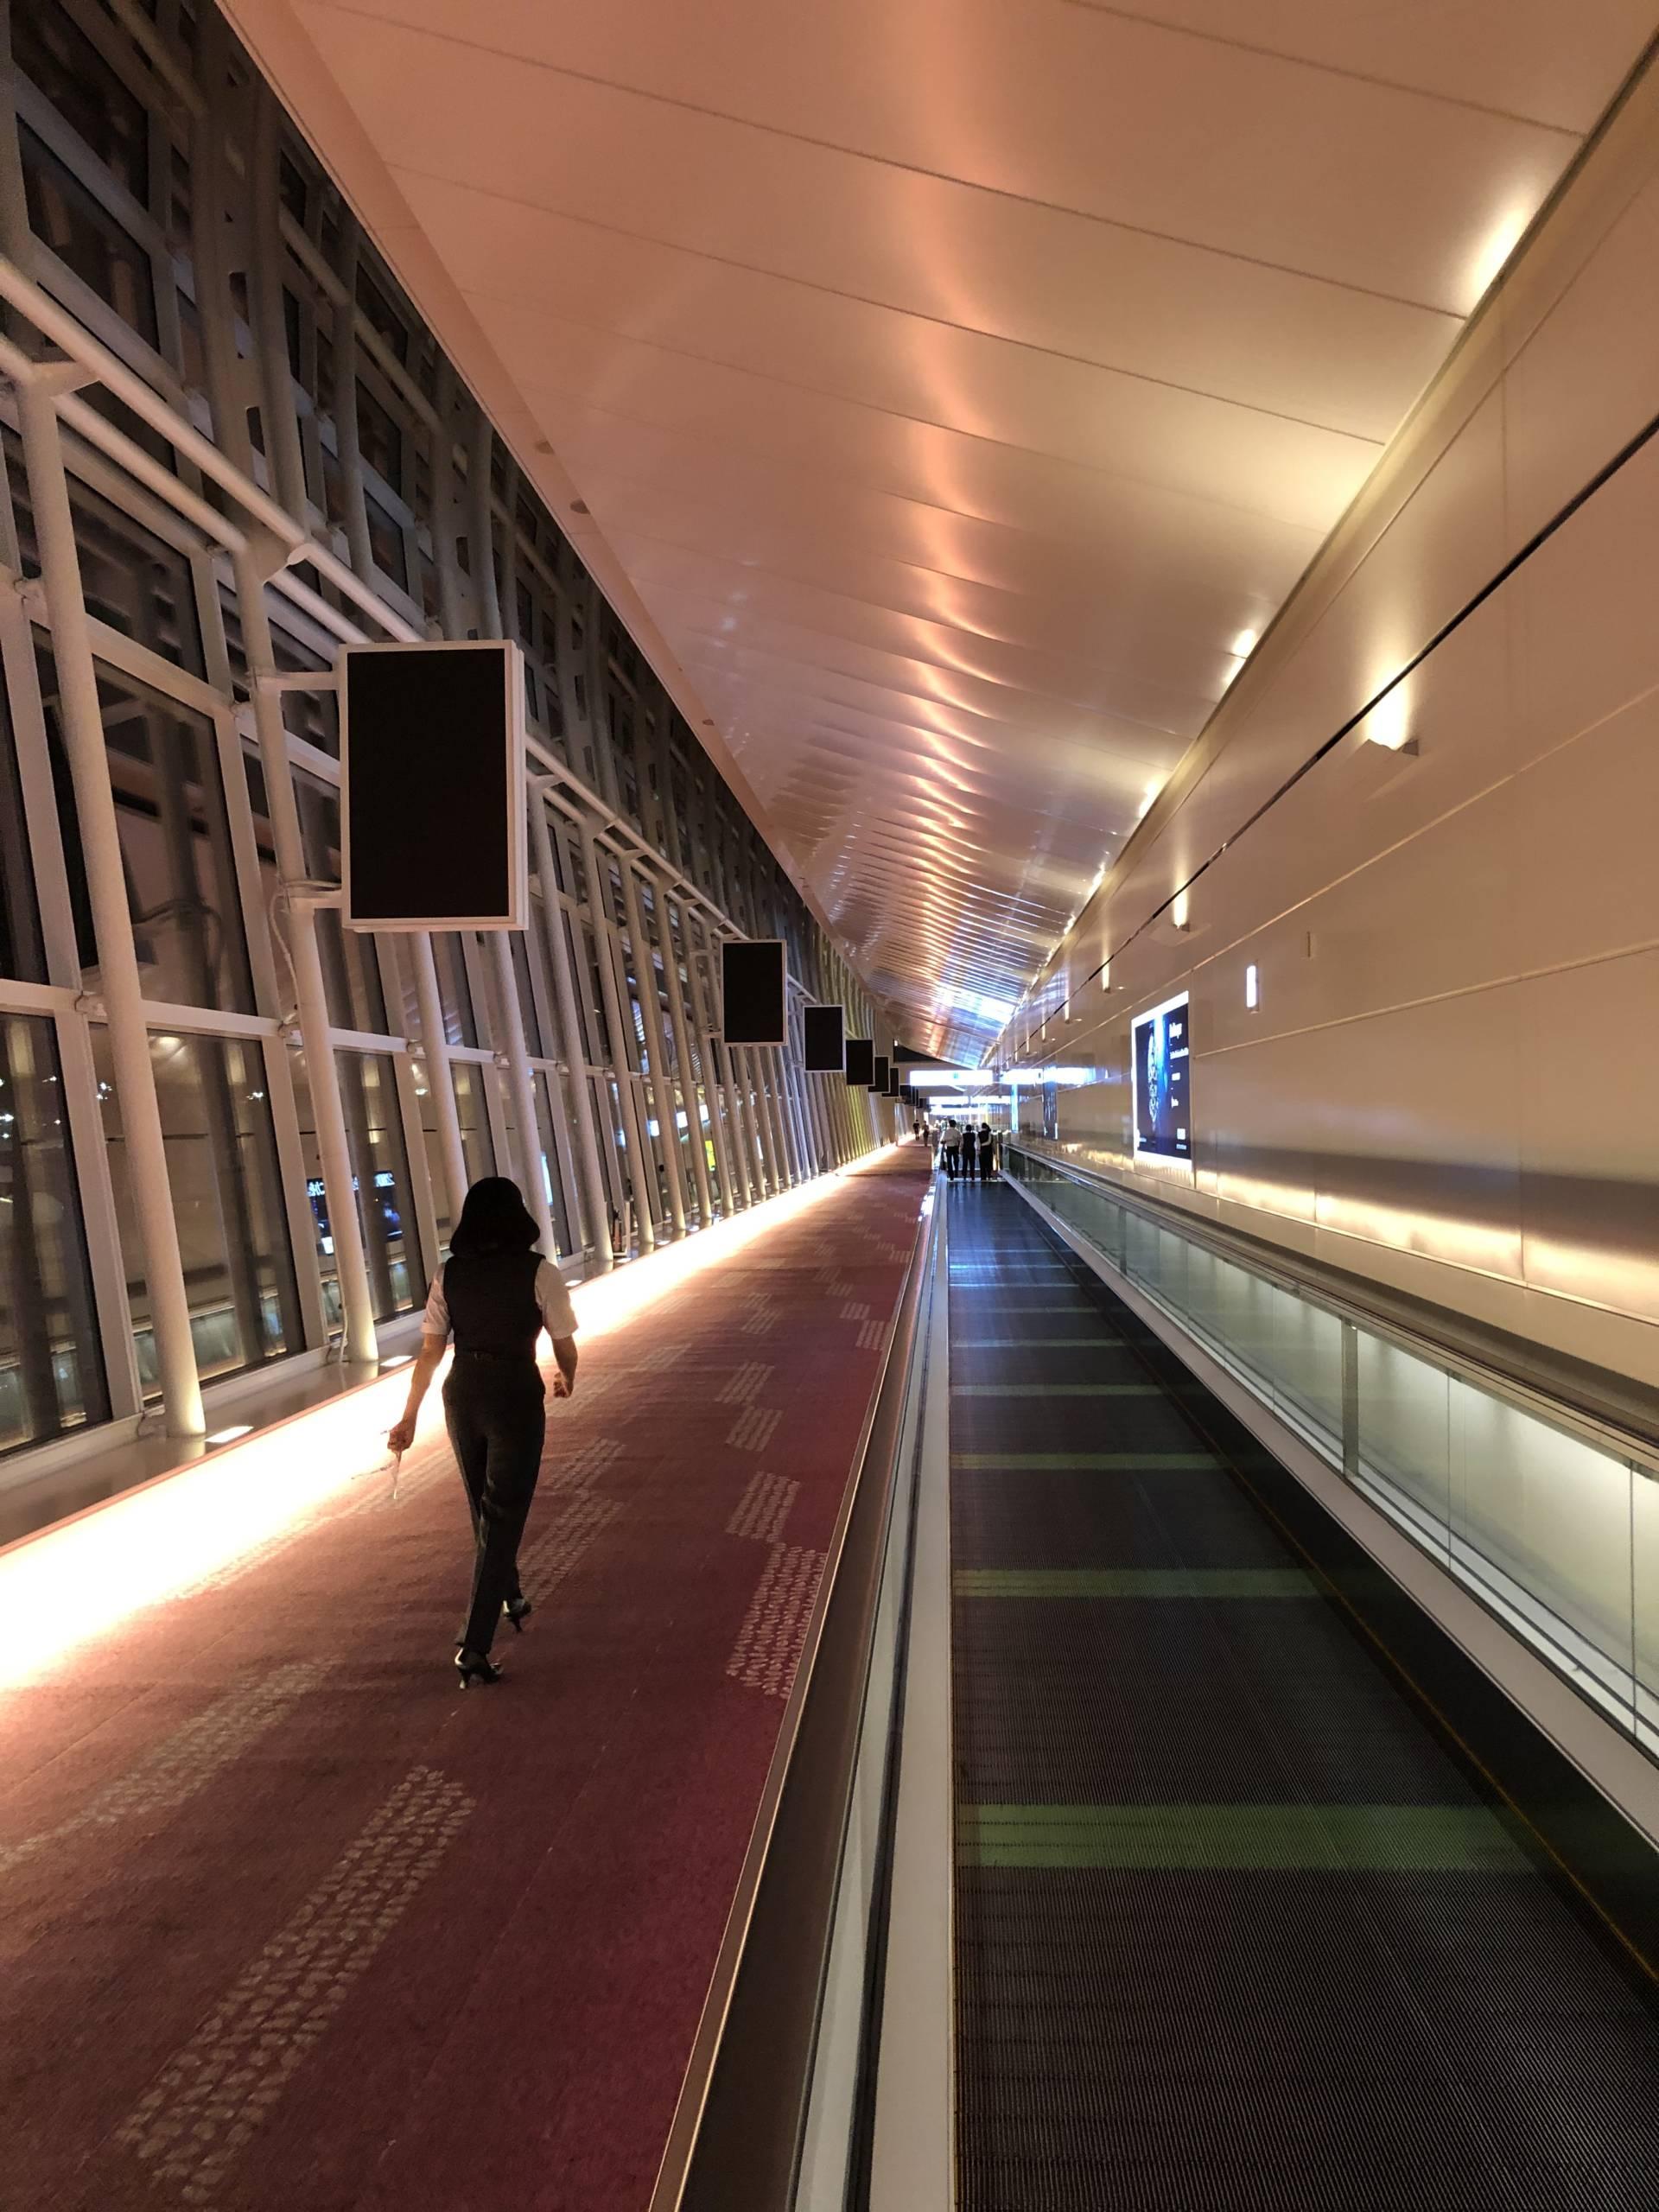 Aeropuerto de Haneda casi vacío durante la pandemia